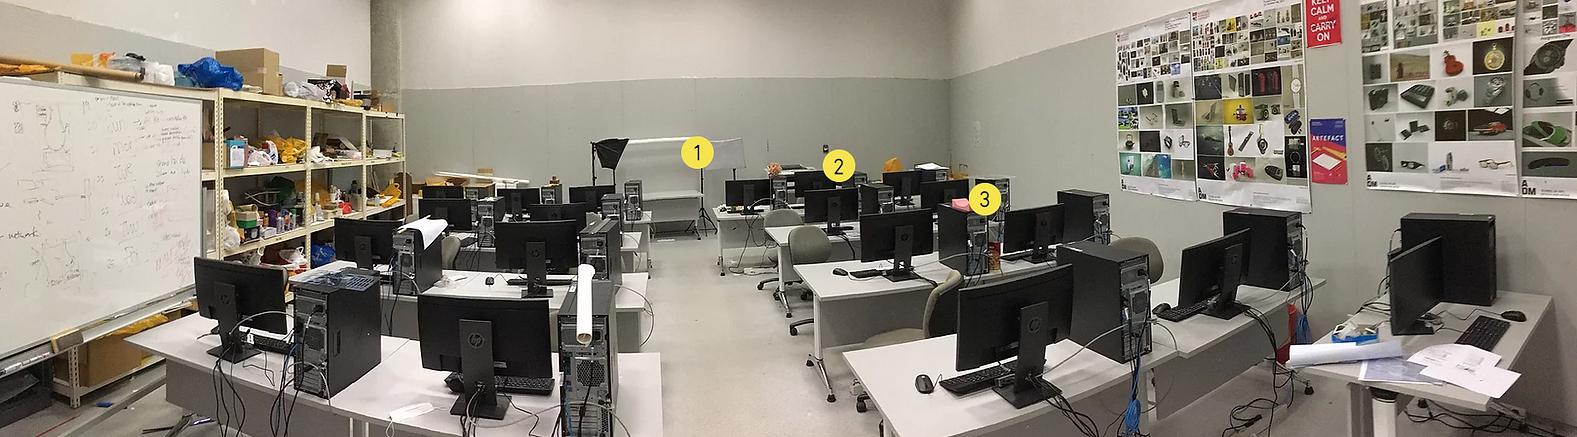 CAD Room.png